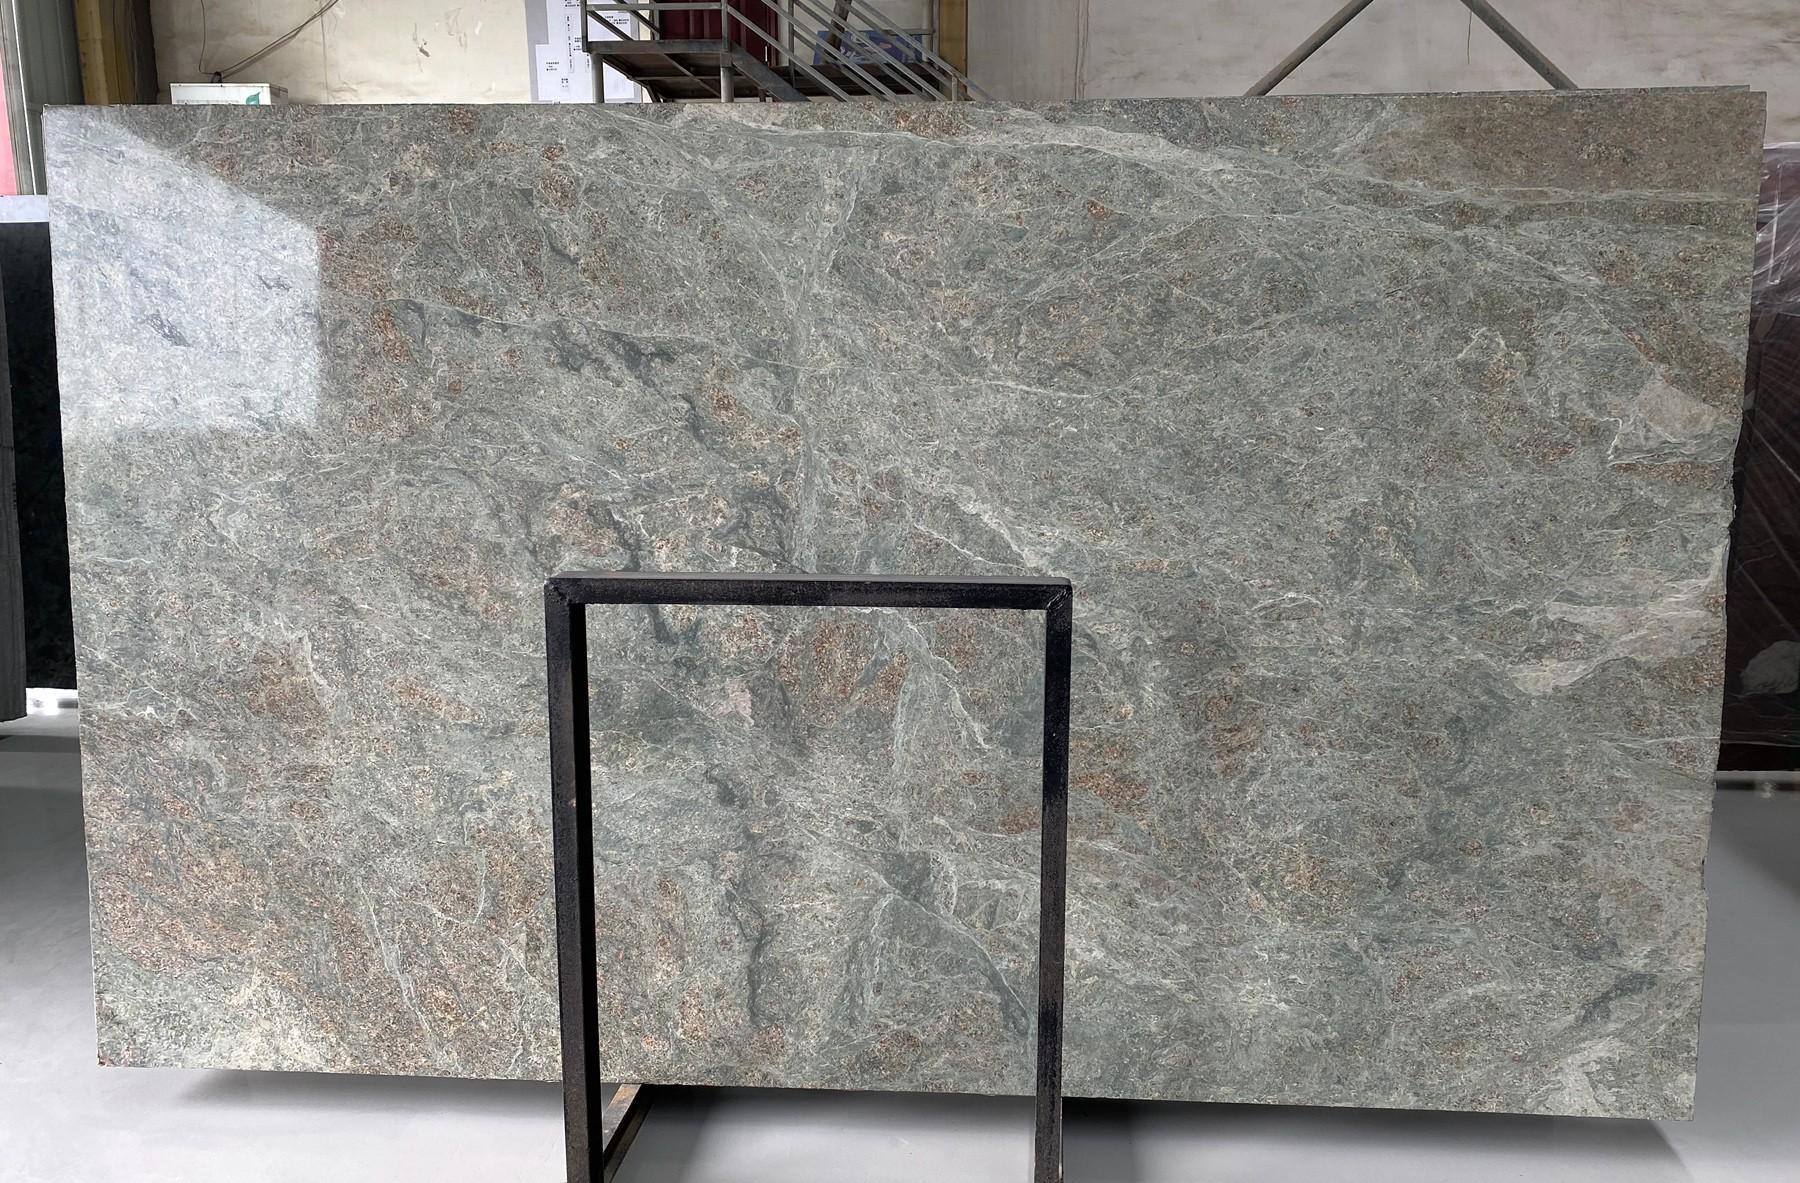 LT GREEN Supply Fujian (China) polished slabs D2109 , Bundle #02 natural granite